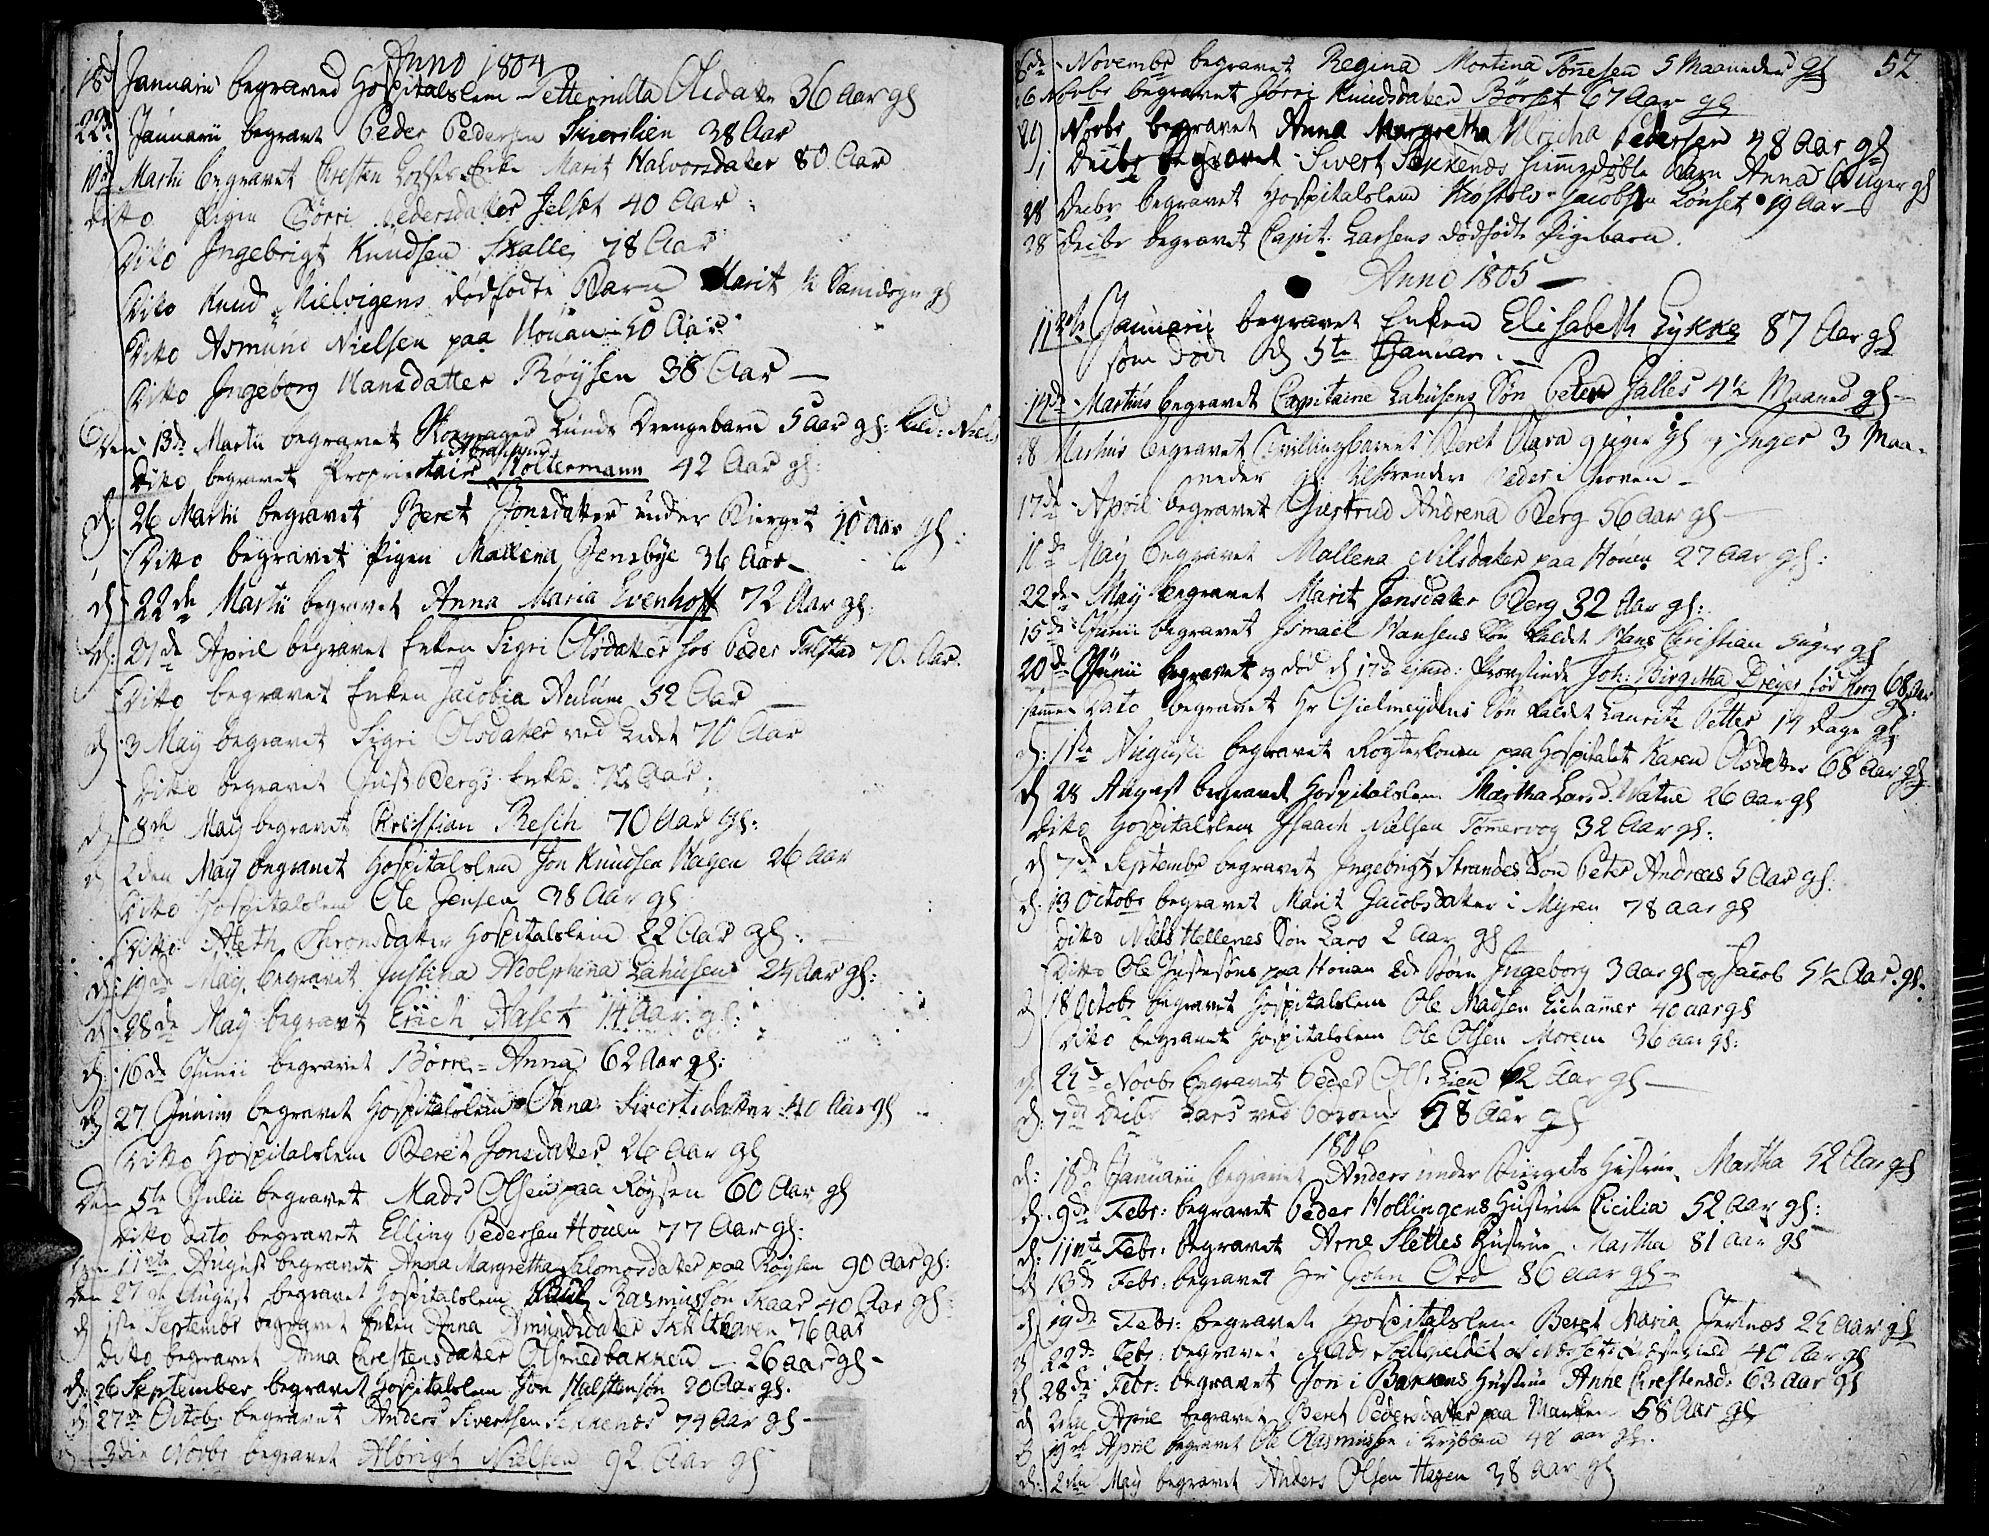 SAT, Ministerialprotokoller, klokkerbøker og fødselsregistre - Møre og Romsdal, 558/L0687: Ministerialbok nr. 558A01, 1798-1818, s. 52